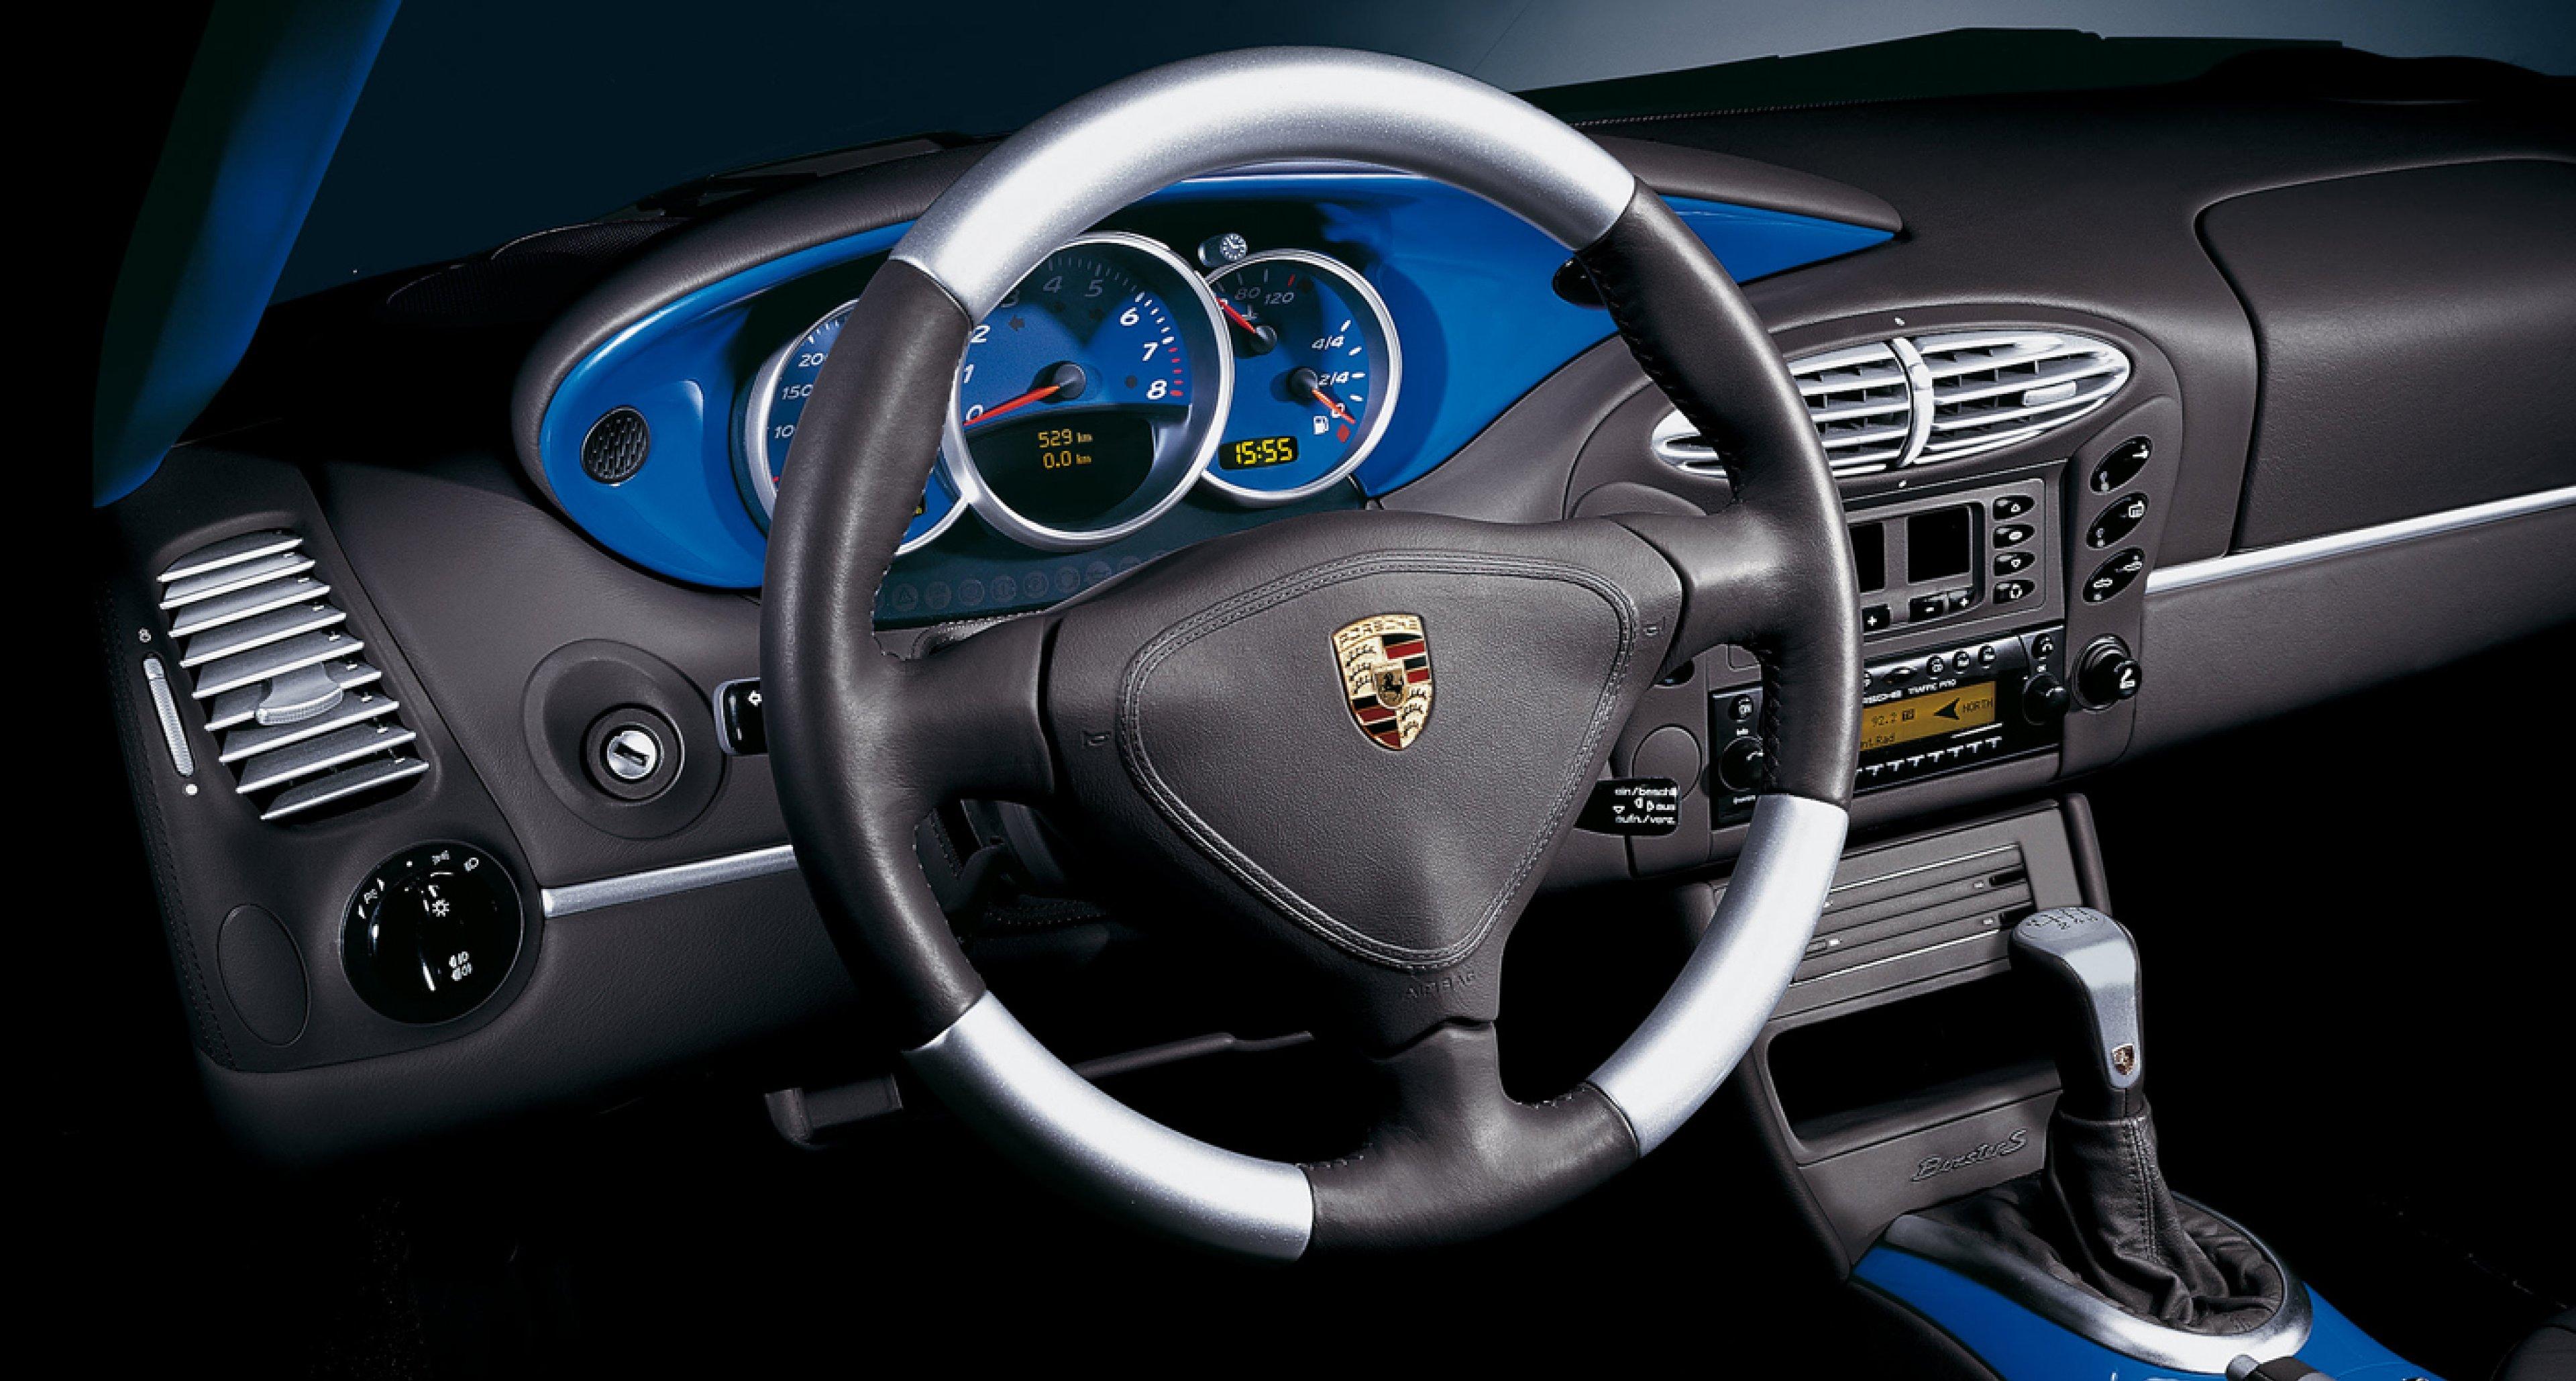 2002 Porsche 986 Boxster S with interior by 'Porsche Exclusive'.